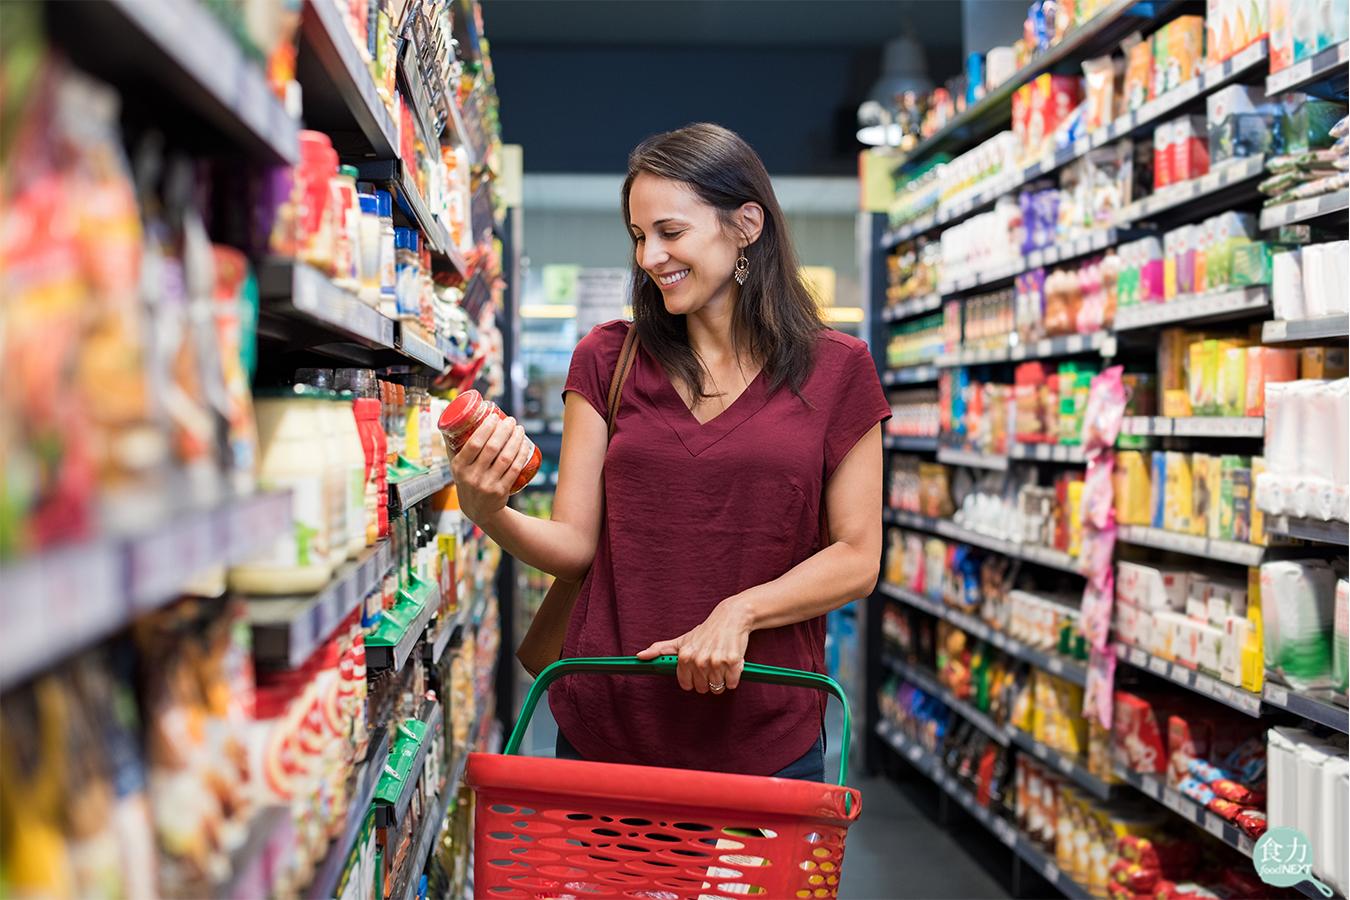 【TGA x 食力】認識食品人:你一定吃過我賣的原料 只是你不知道